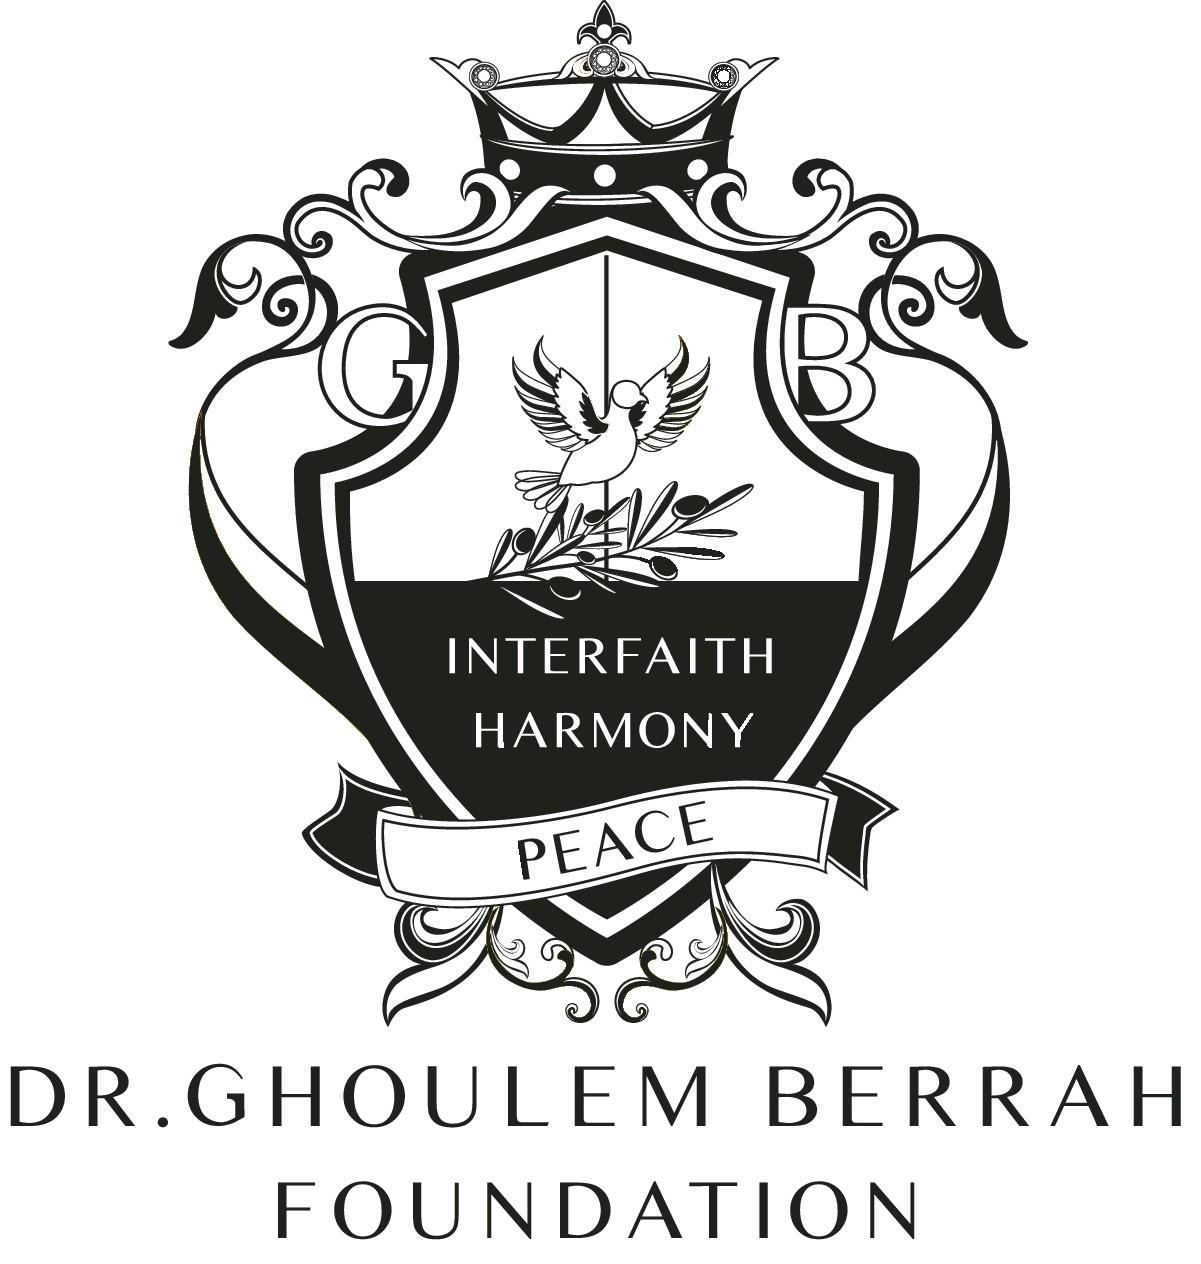 Dr. Ghoulem Berrah Foundation